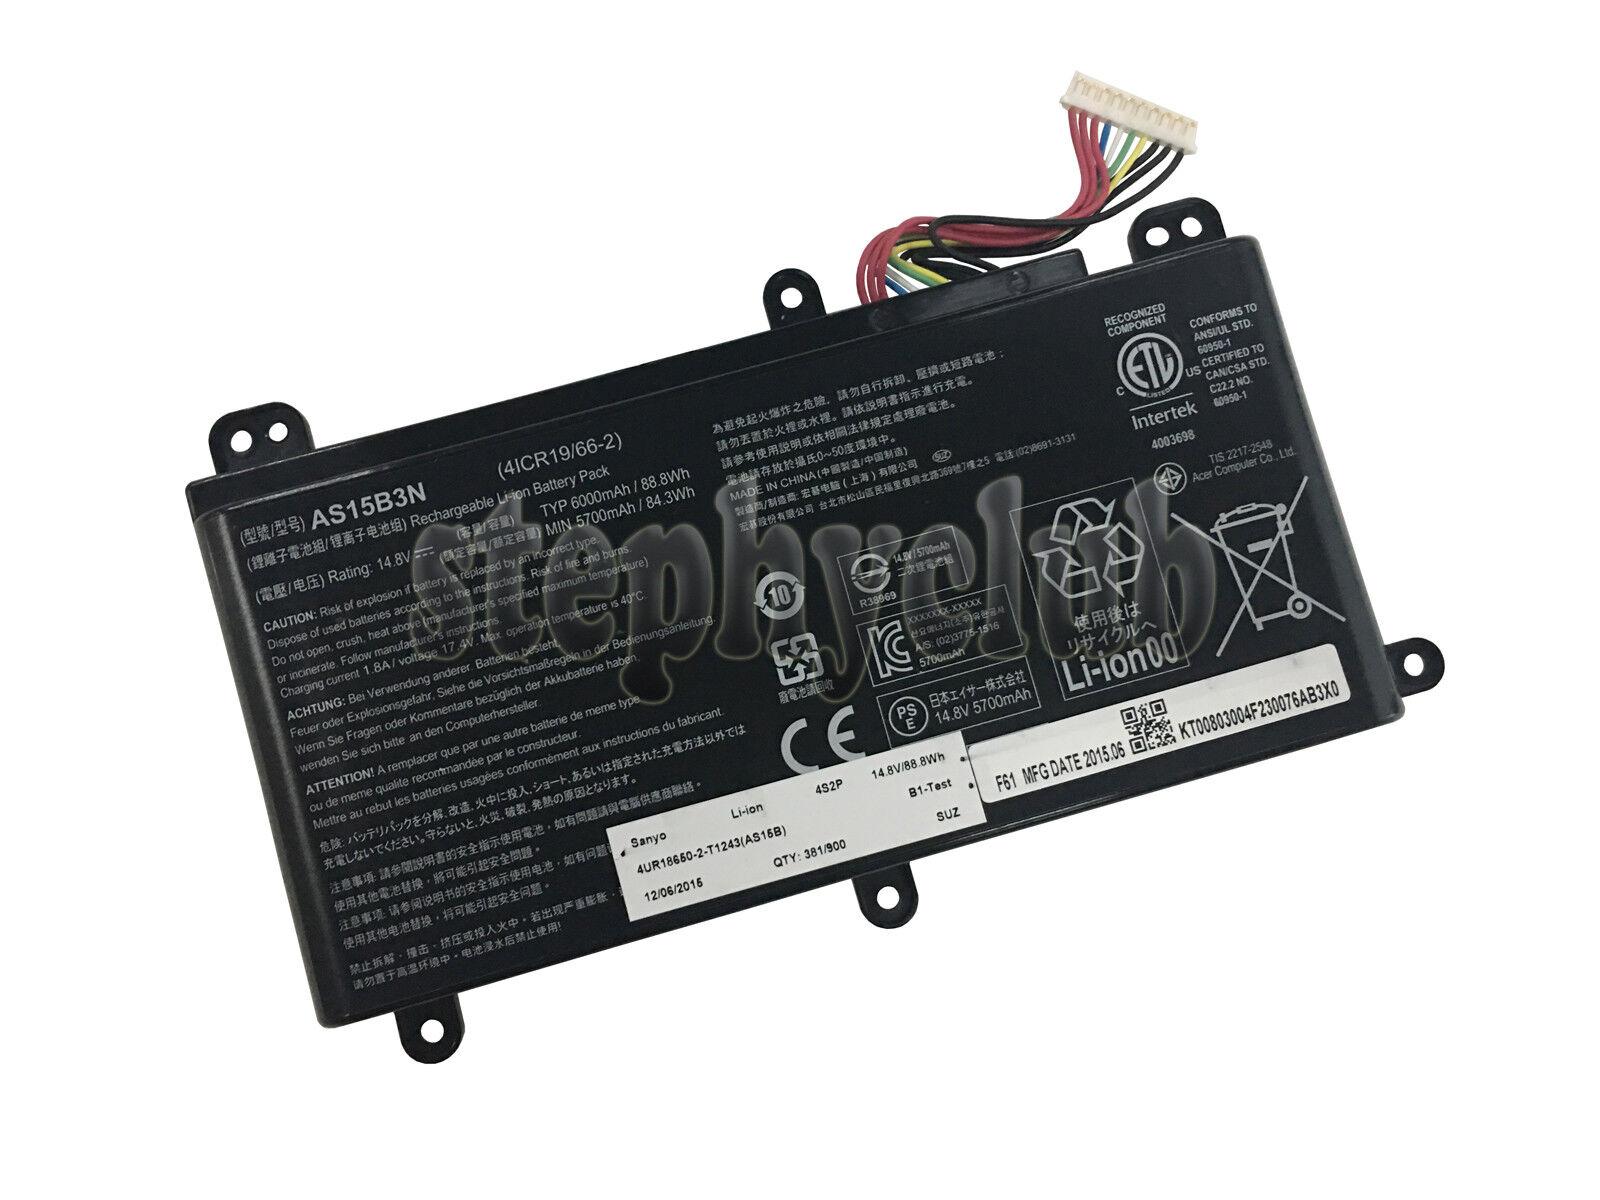 amsahr 14.8 V 88.8 W 6000 mAh Replacement Battery for Acer AS15B3N//Predator 15 G9-591-731D//17 G9-792-74TT